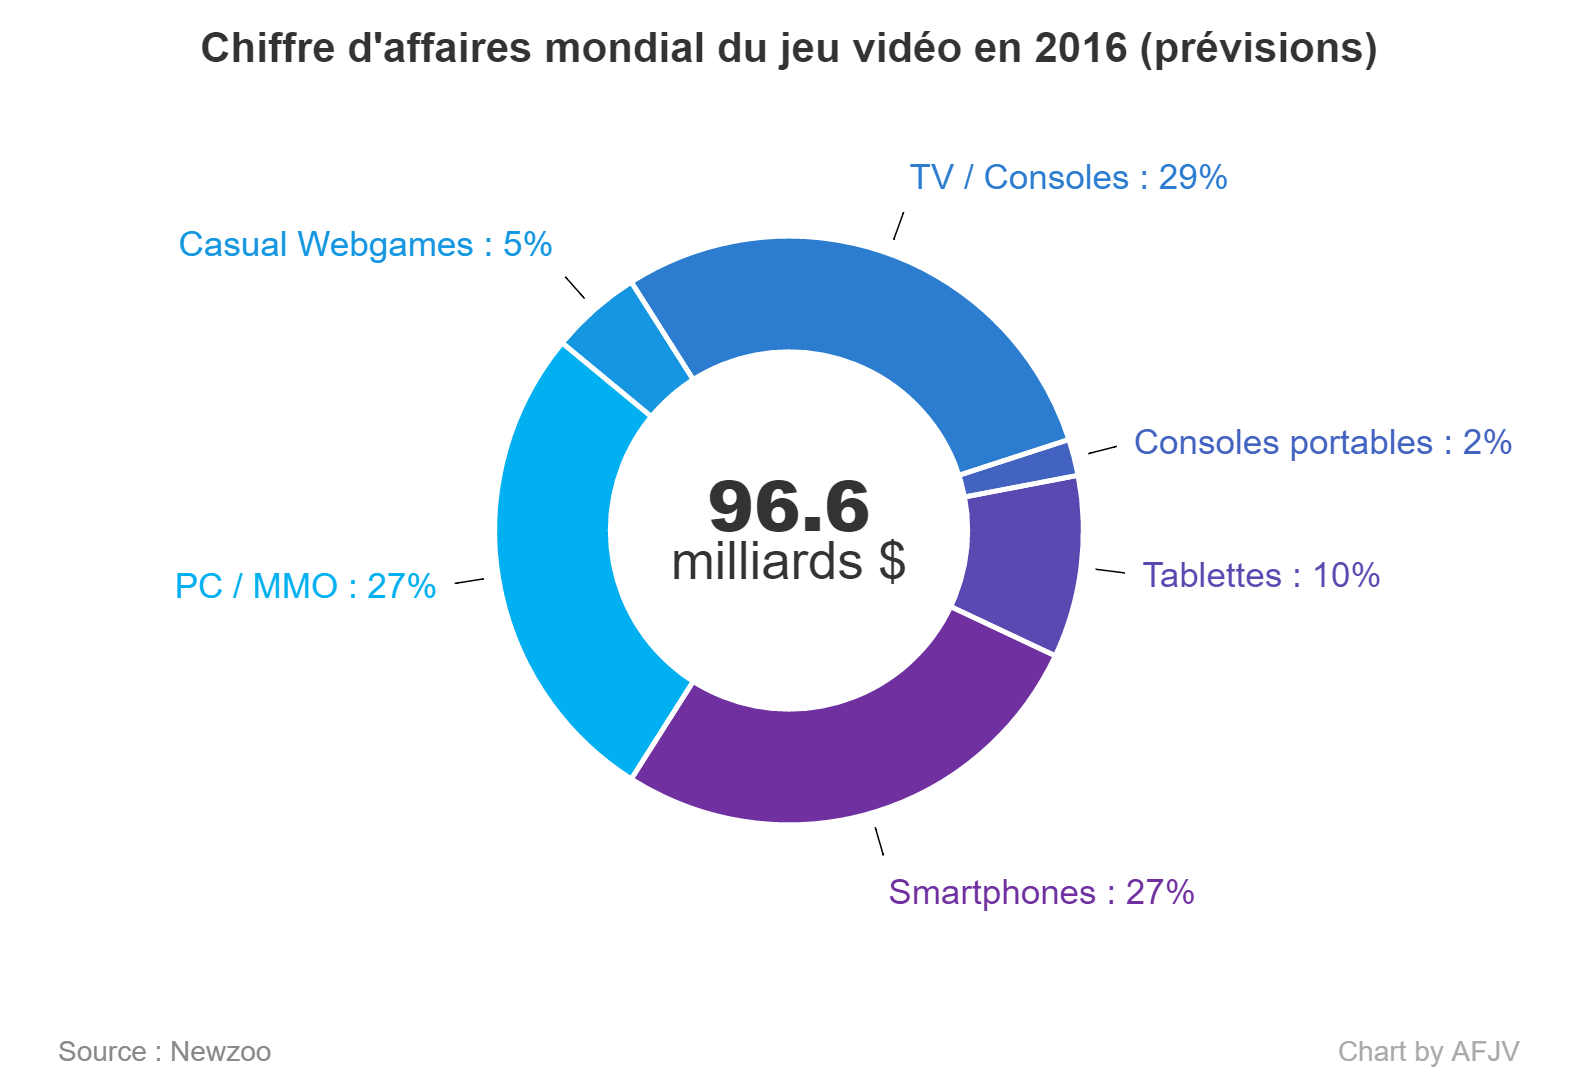 Chiffre D Affaires Mondial Des Jeux Video 2015 2016 2019